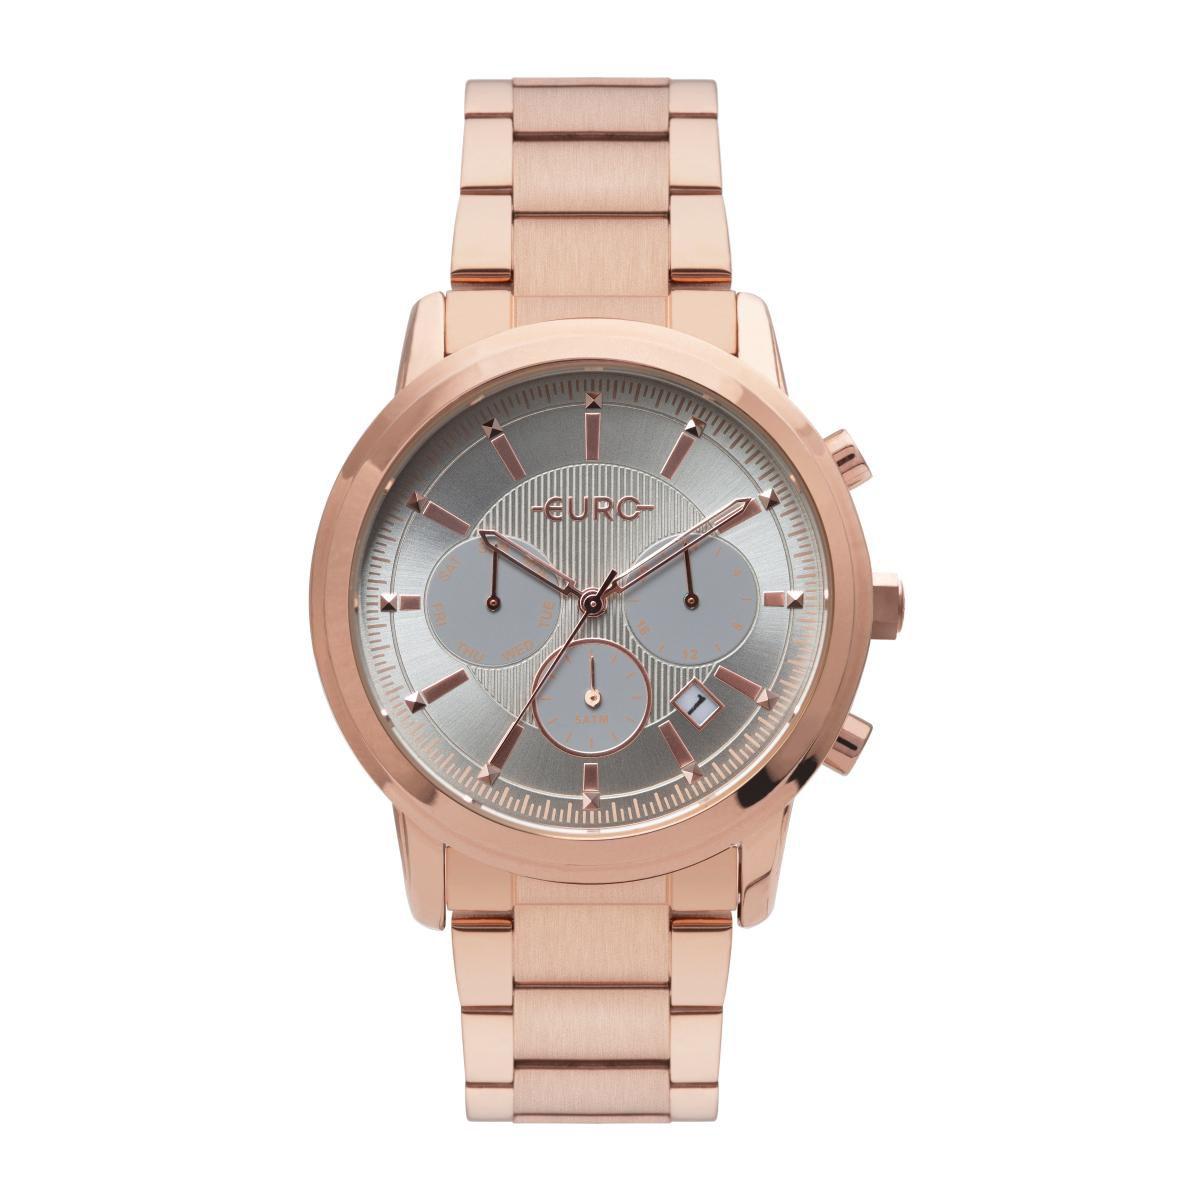 Relógio Feminino Euro EUJP25AB/4C 42mm Aço Rosê